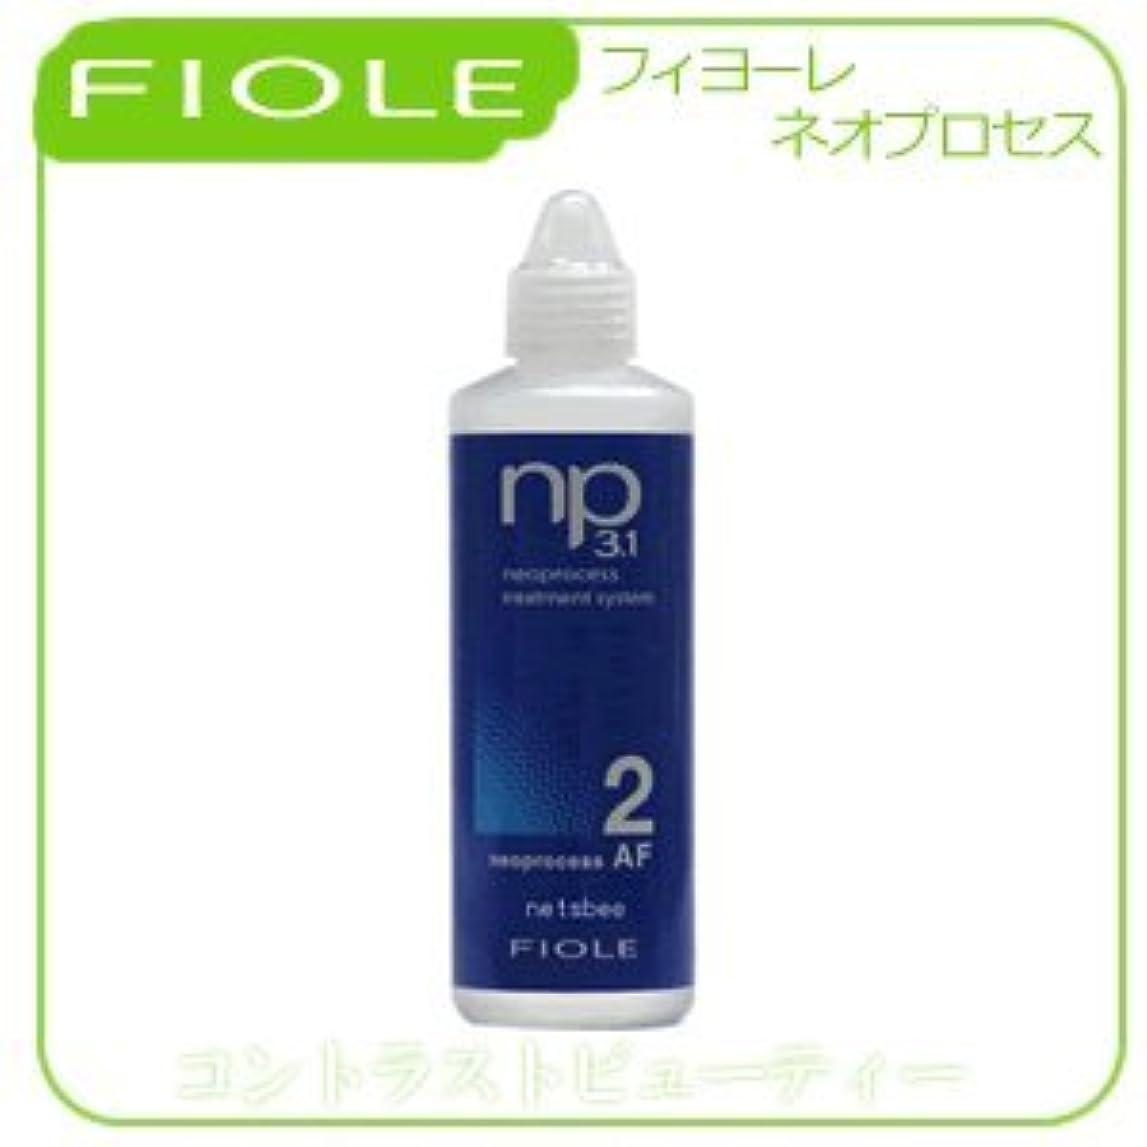 足音反対した感じ【X4個セット】 フィヨーレ NP3.1 ネオプロセス AF2 130ml FIOLE ネオプロセス